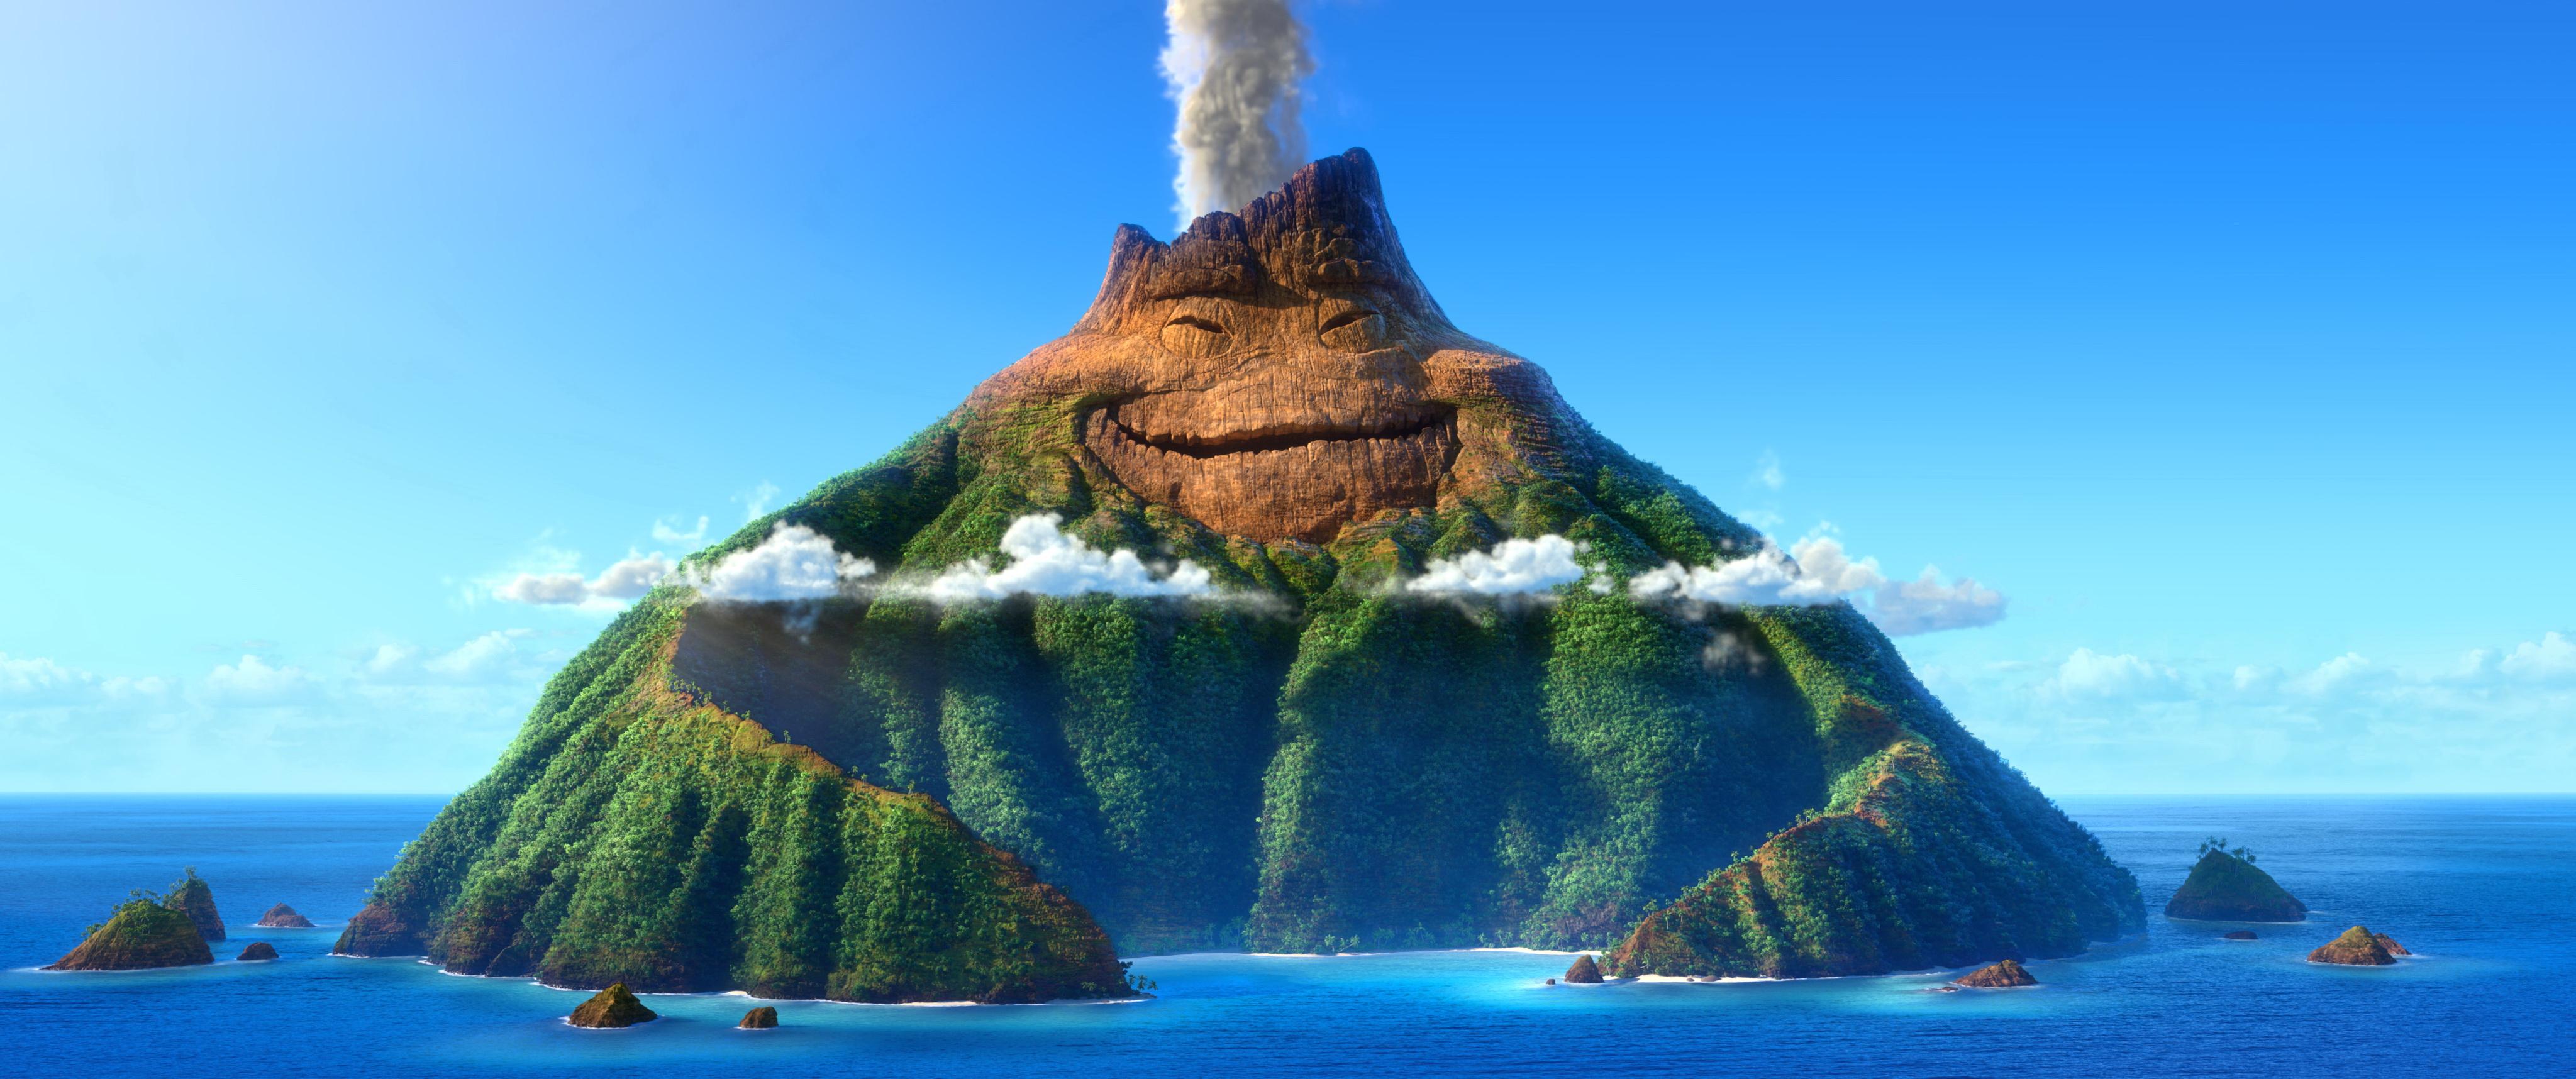 Pixar's Short Film, Lava